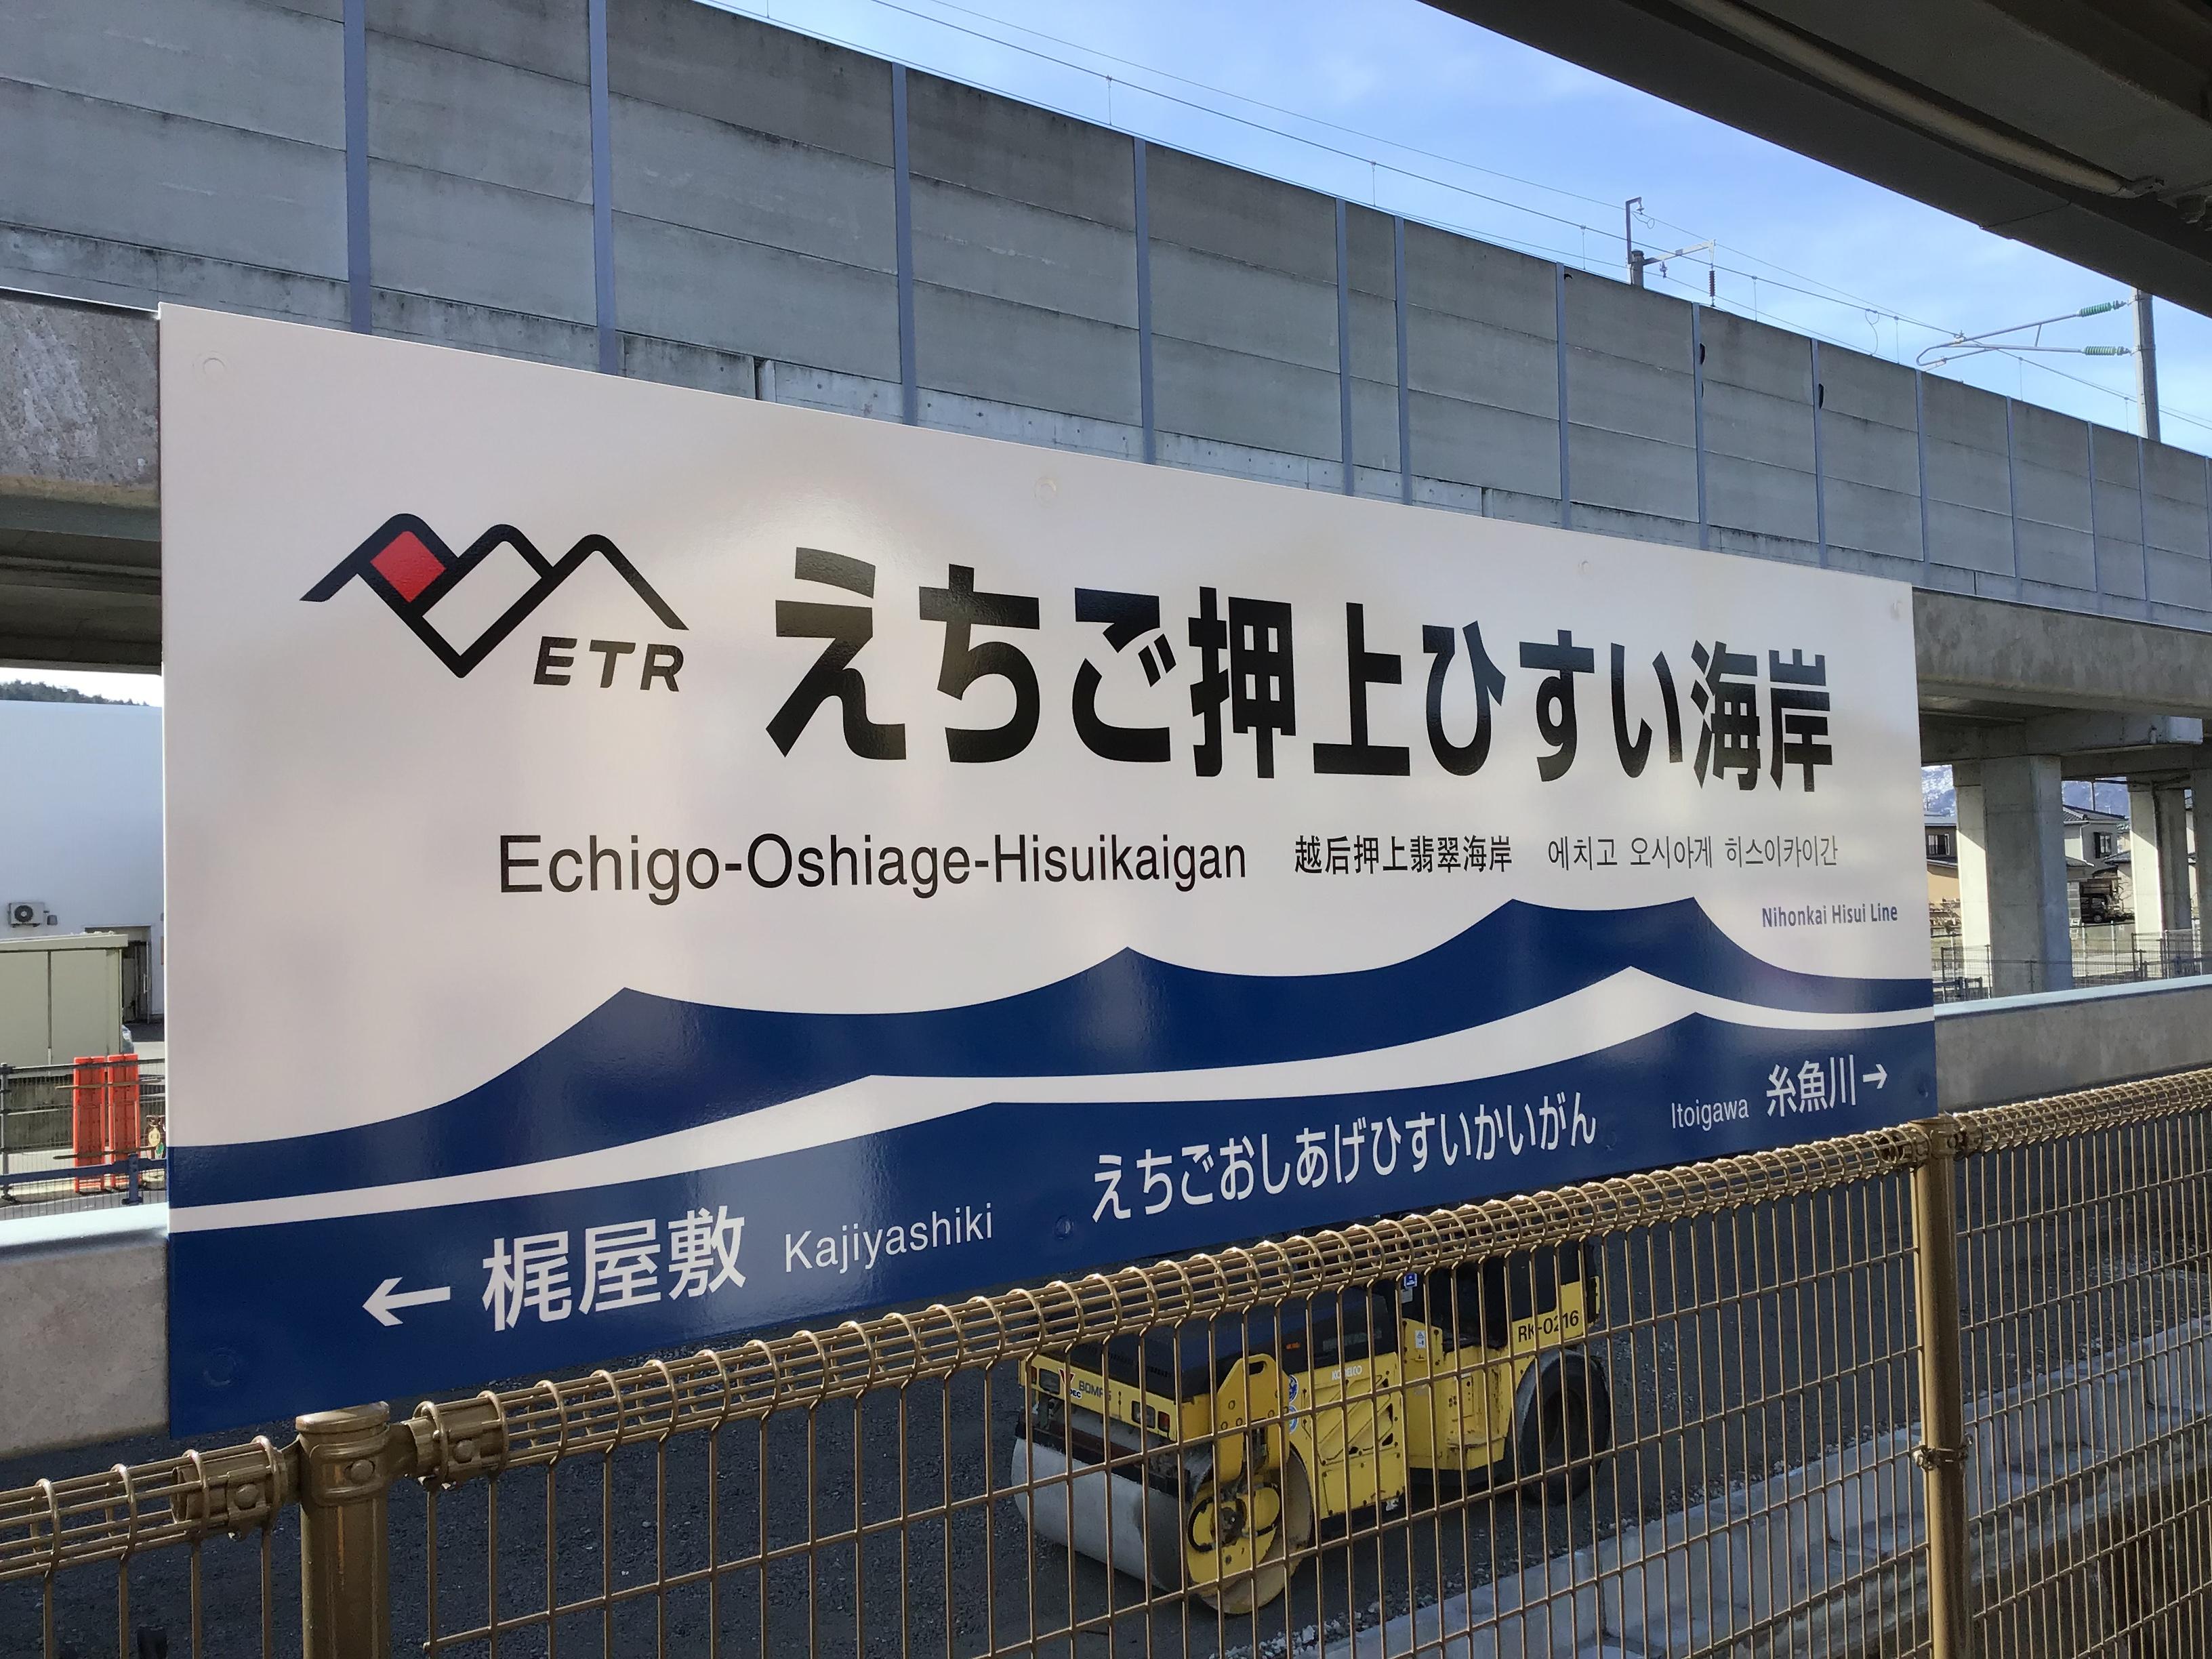 新しい駅ができます。